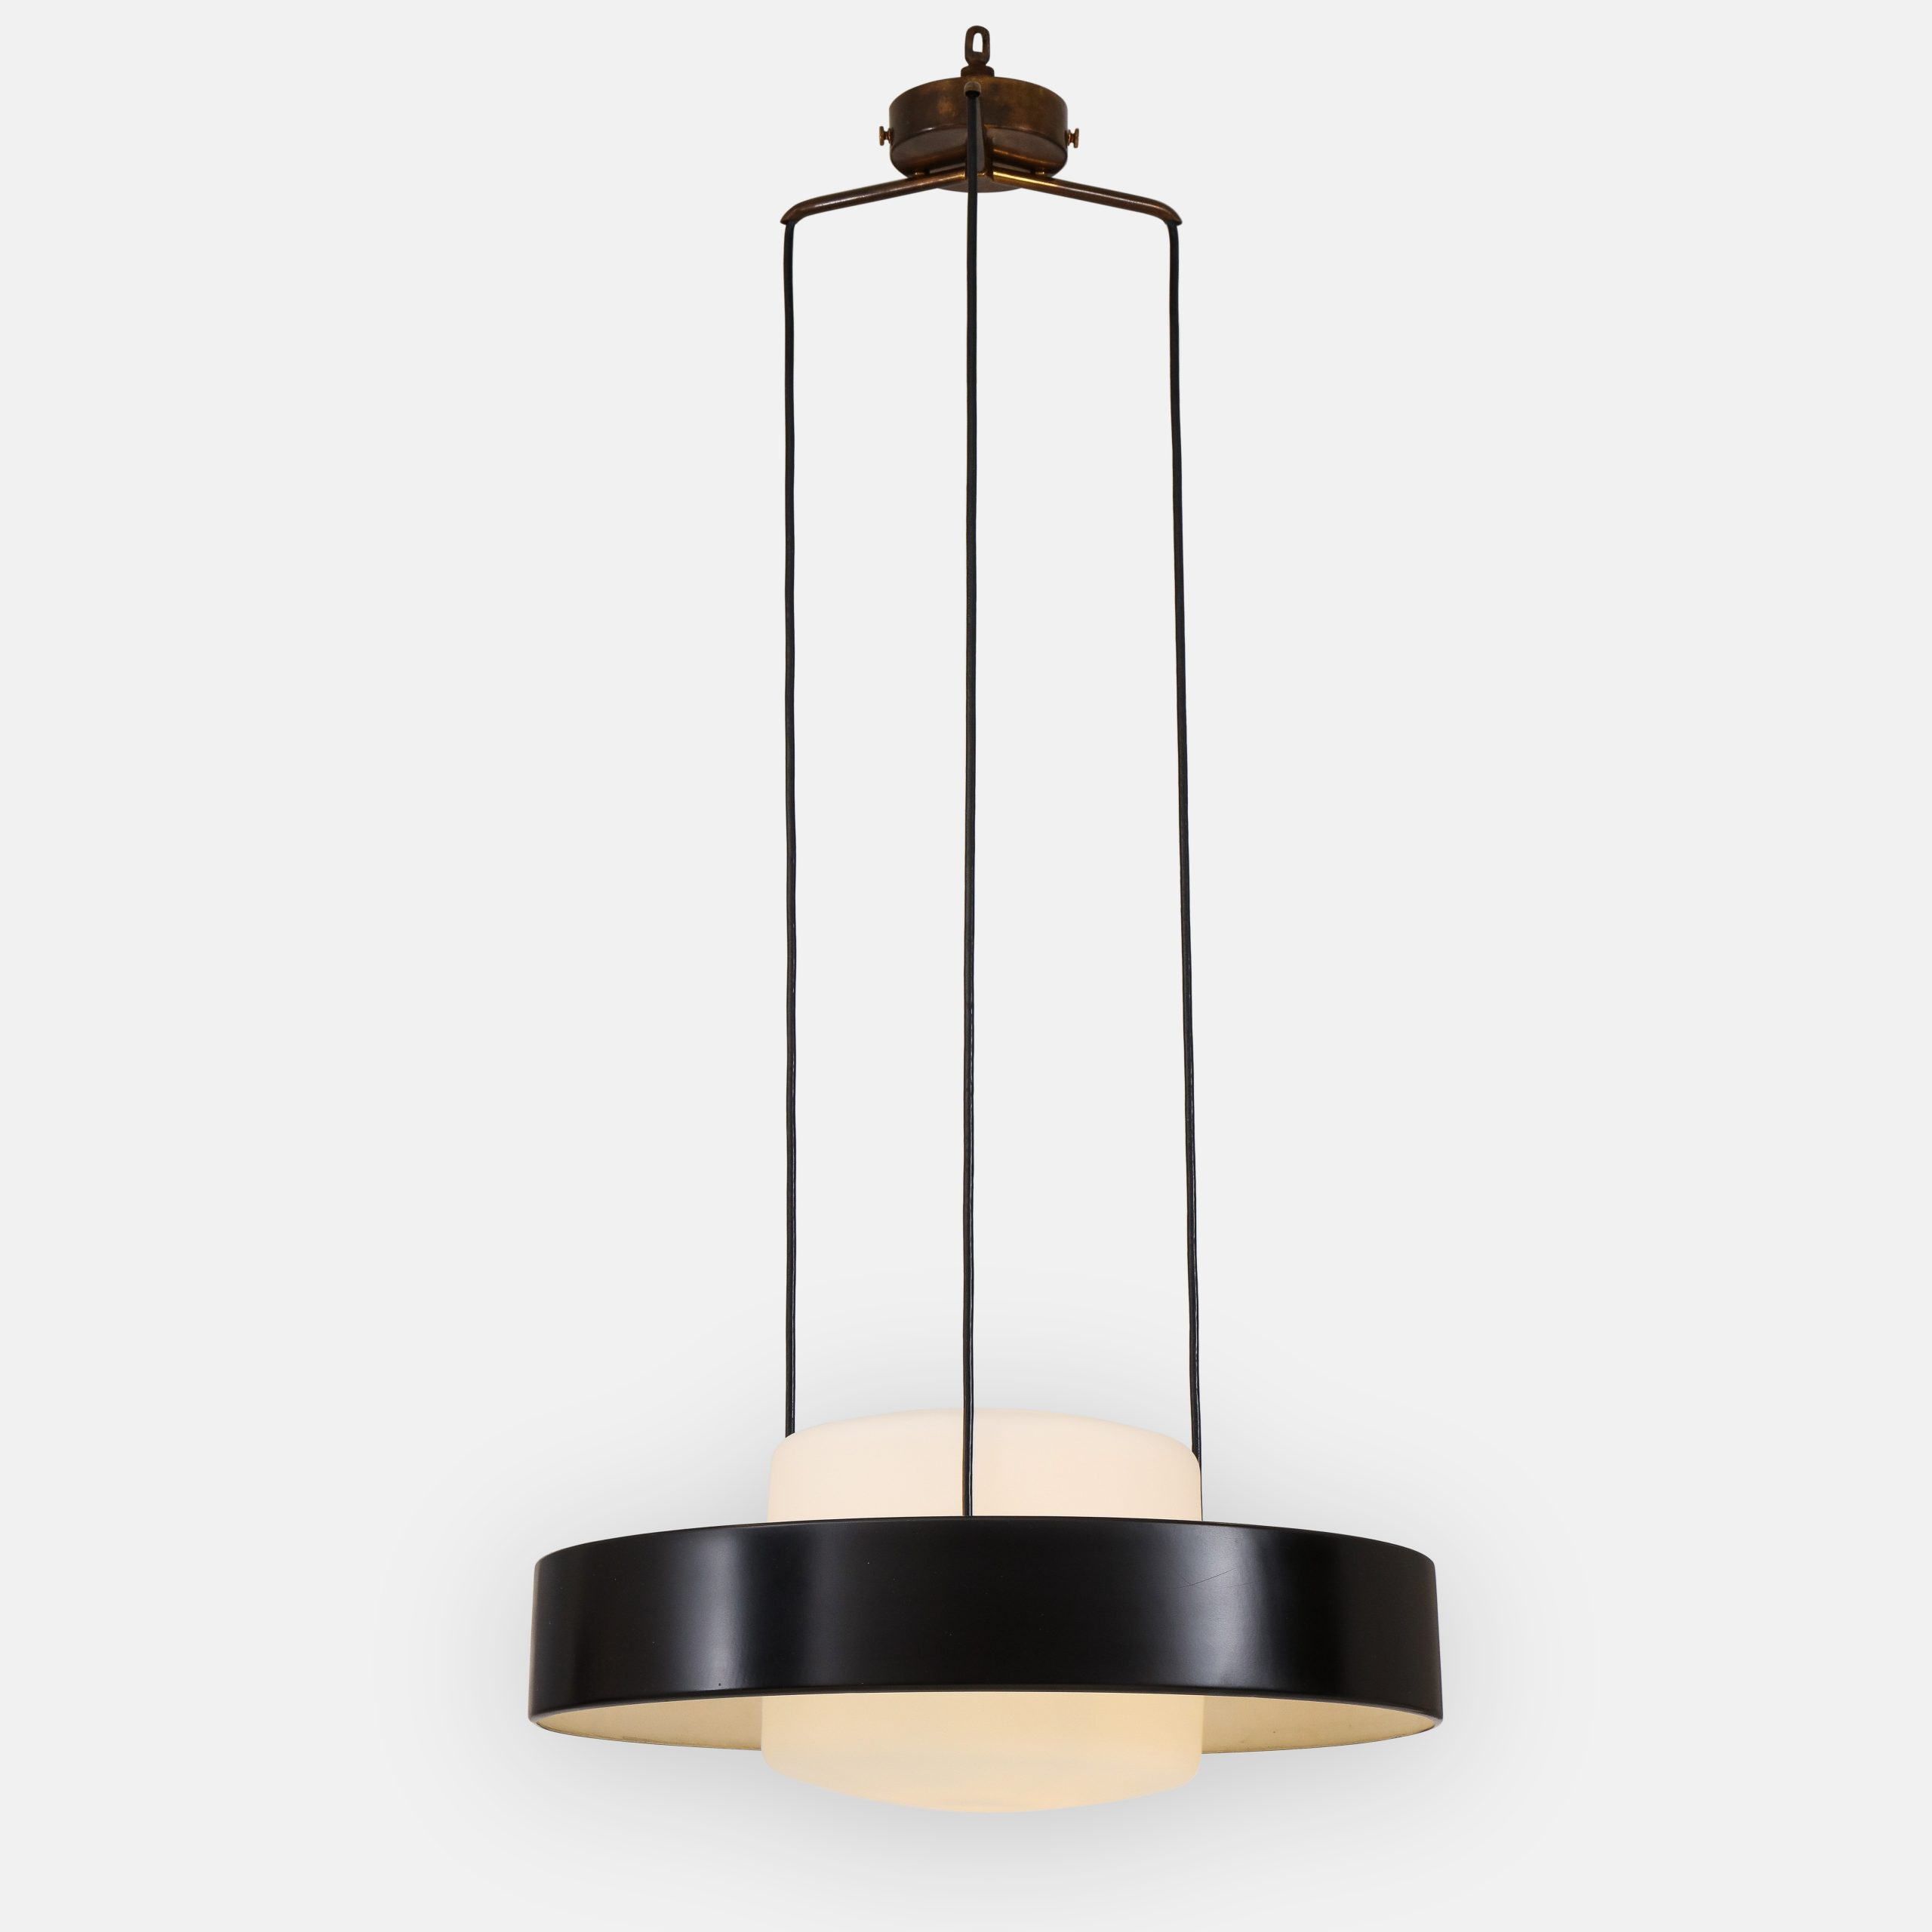 Rare Ceiling Light Model 1158 by Stilnovo | soyun k.